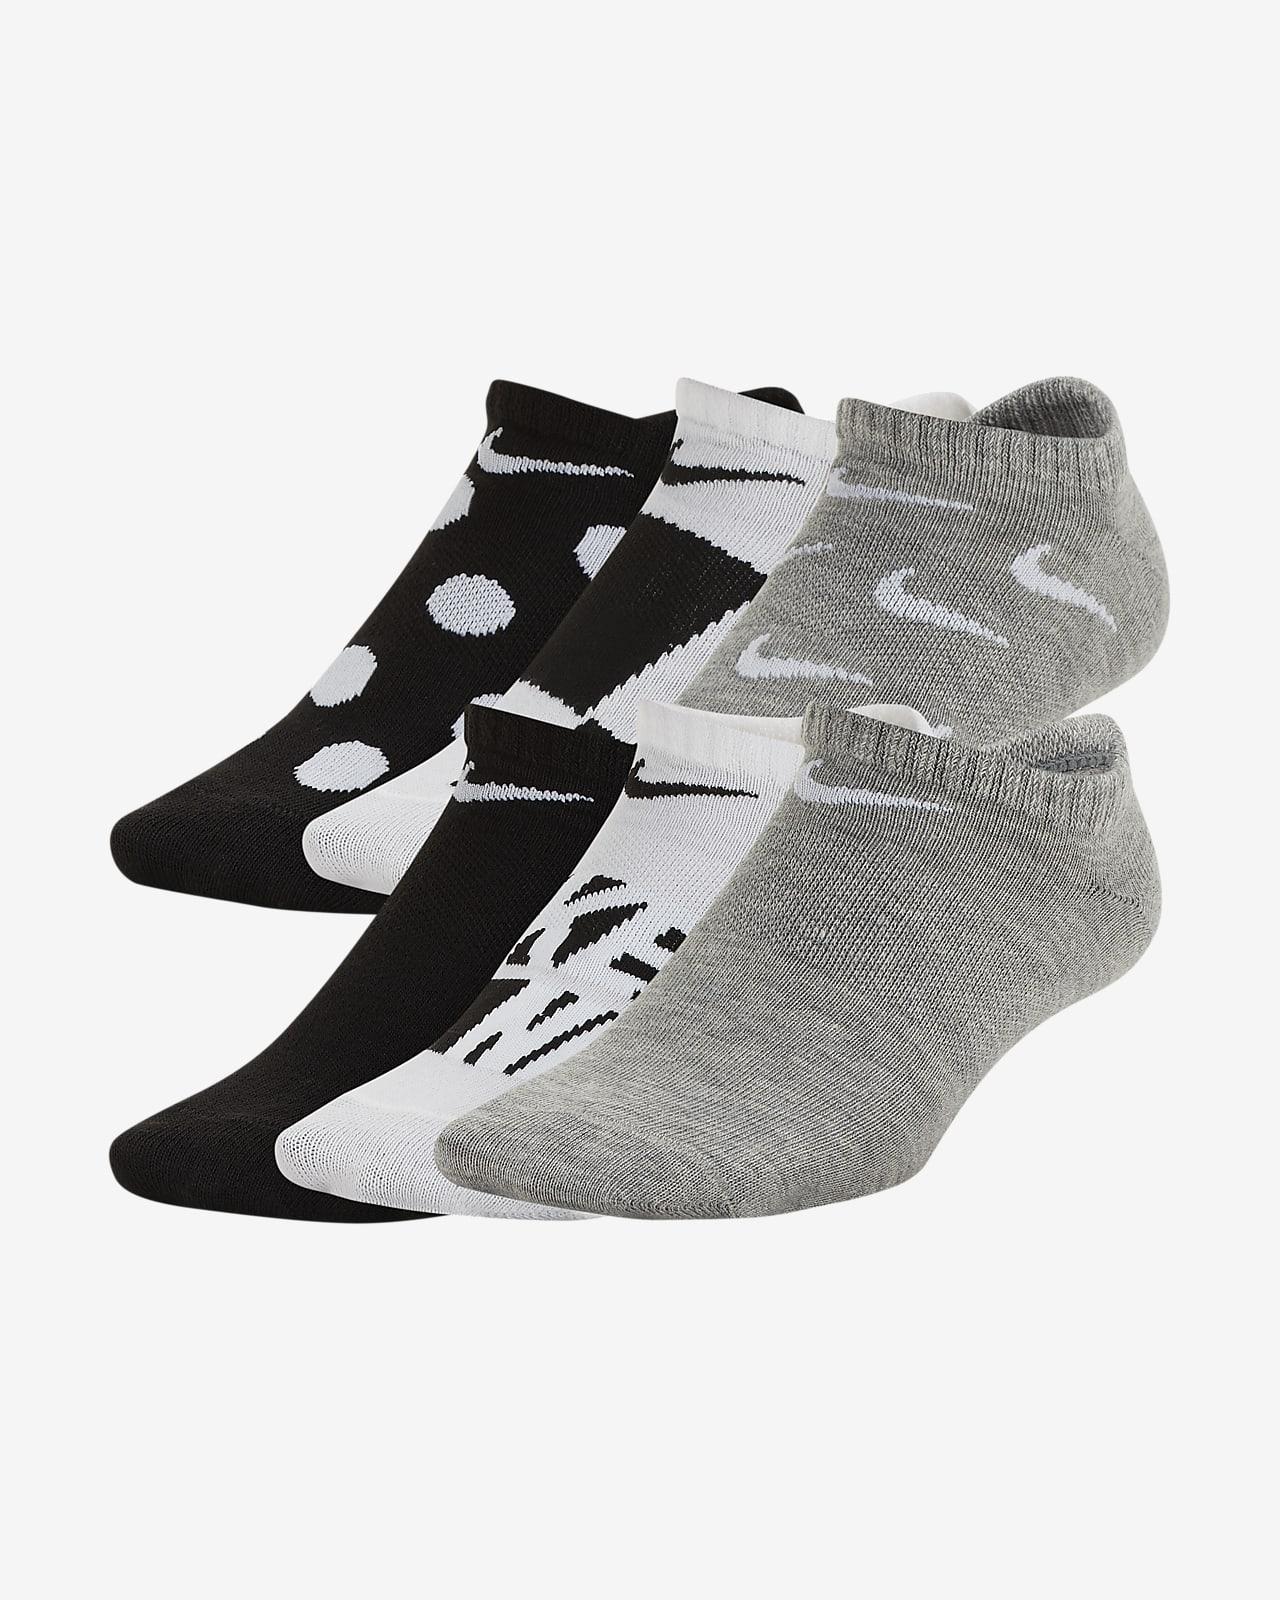 Calcetines invisibles ligeros estampados para niños talla grande Nike Everyday (6 pares)